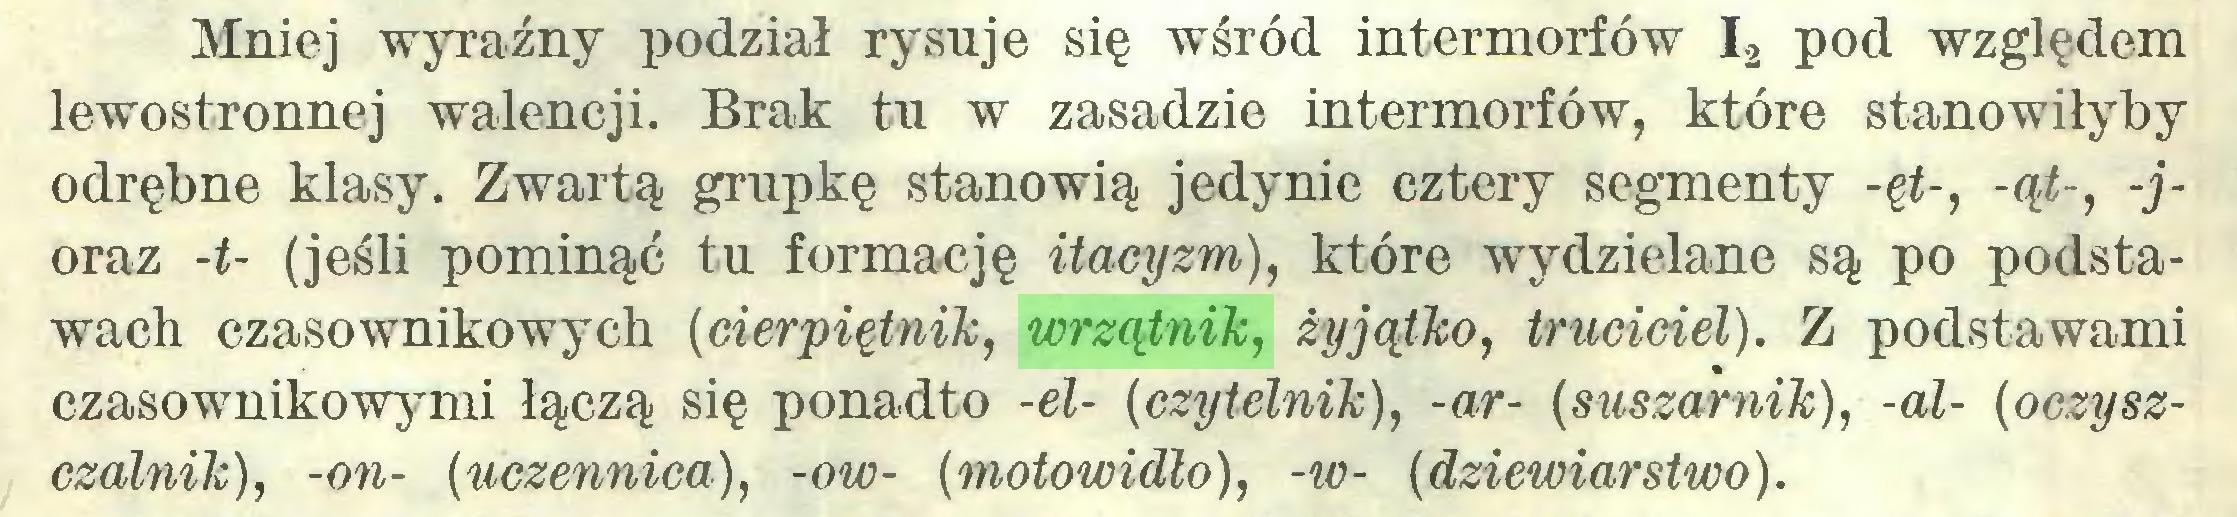 (...) Mniej wyraźny podział rysuje się wśród intermorfów I2 pod względem lewostronnej Walencji. Brak tu w zasadzie intermorfów, które stanowiłyby odrębne klasy. Zwartą grupkę stanowią jedynie cztery segmenty -ęt-, -ąt-, -joraz -t- (jeśli pominąć tu formację itacyzm), które wydzielane są po podstawach czasownikowych [cierpiętnik, wrzątnik, żyjątko, truciciel). Z podstawami czasownikowymi łączą się ponadto -el- [czytelnik), -ar- [suszarnik), -al- [oczyszczalnik), -on- [uczennica), -ow- [motowidlo), -w- [dziewiarstwo)...